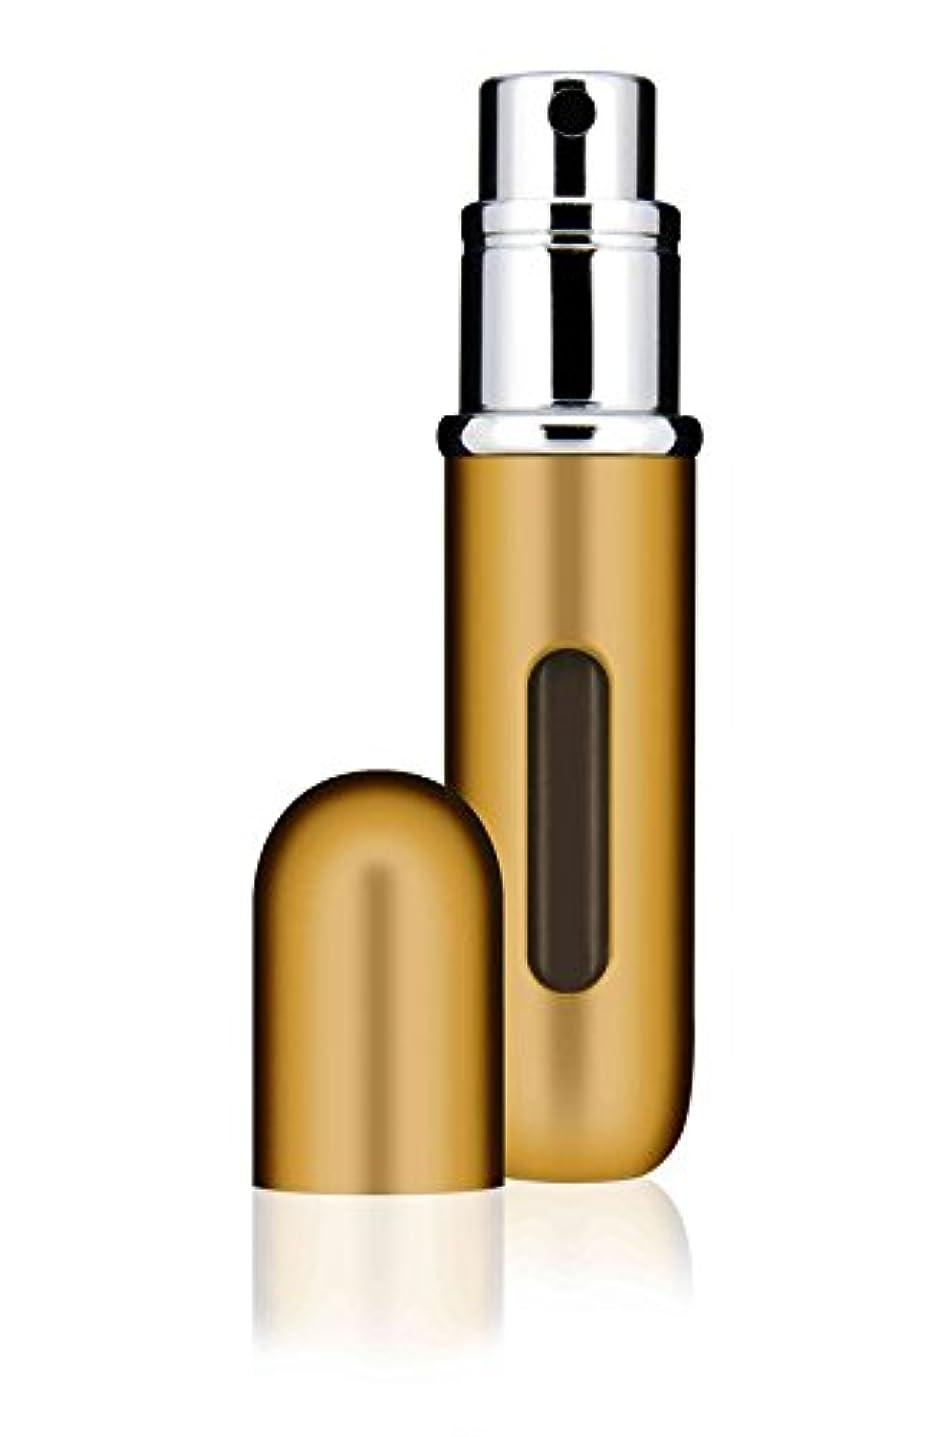 バリア修正する抜本的なトラヴァーロクラシック ゴールド